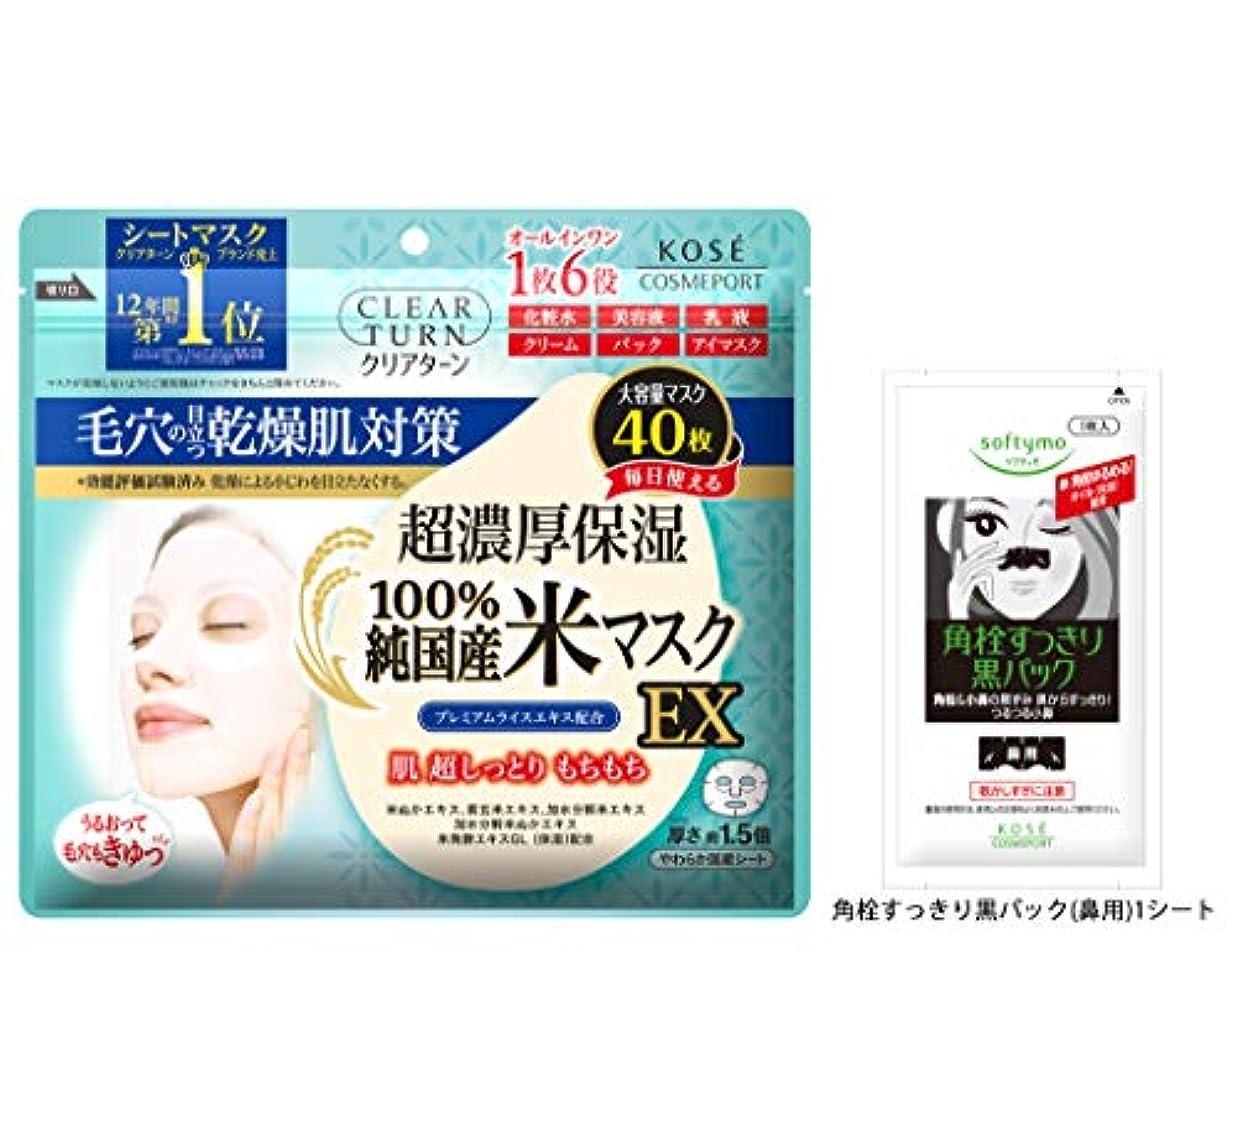 レジデンス分布寄り添う【Amazon.co.jp限定】 クリアターン 純国産米 フェイスマスク EX 40枚入 サンプル付 フェイスパック 40枚+サンプル付